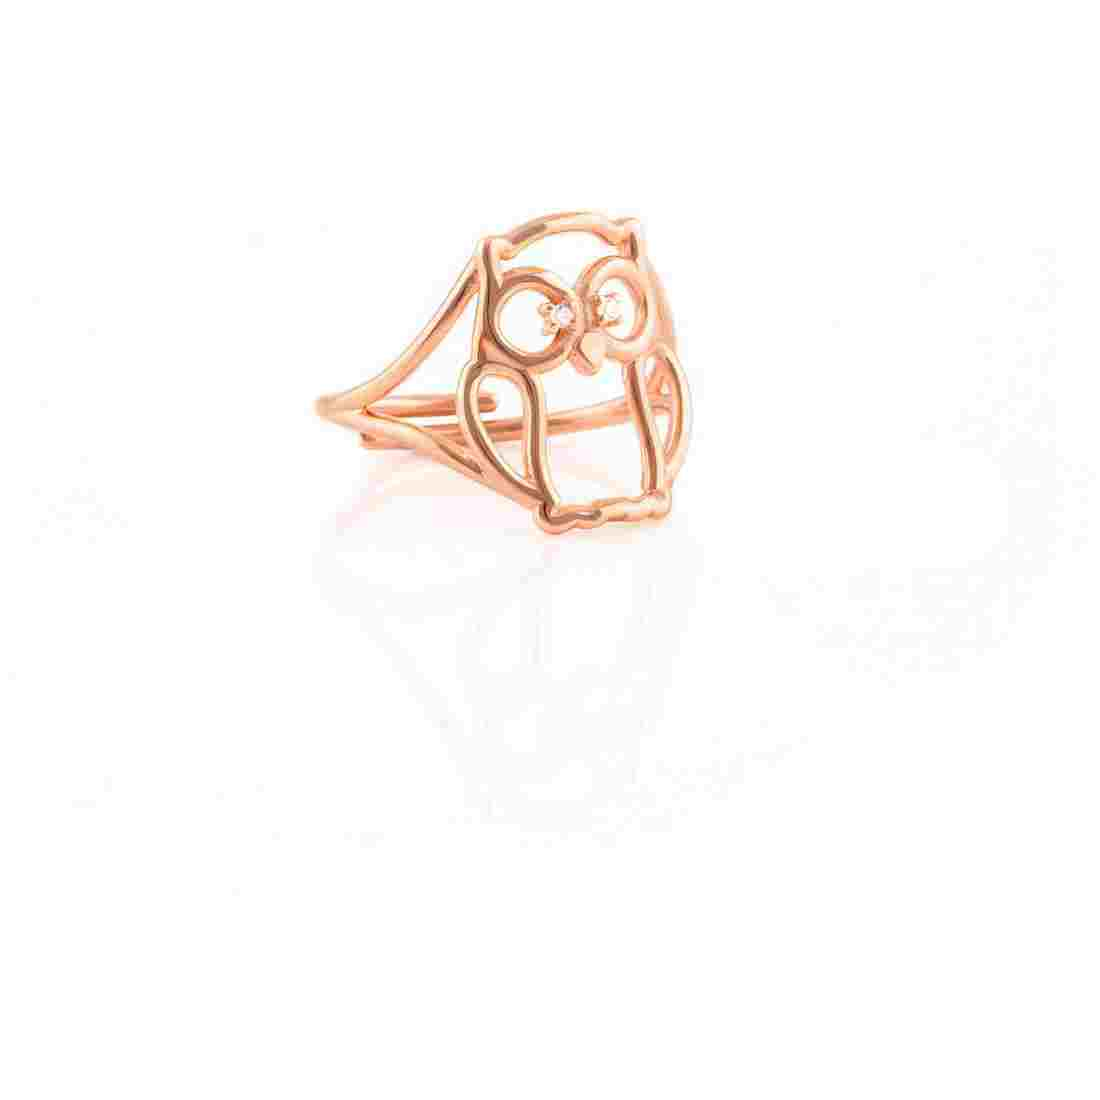 Anello donna gioielli jackco fil rouge jcr0345 364837